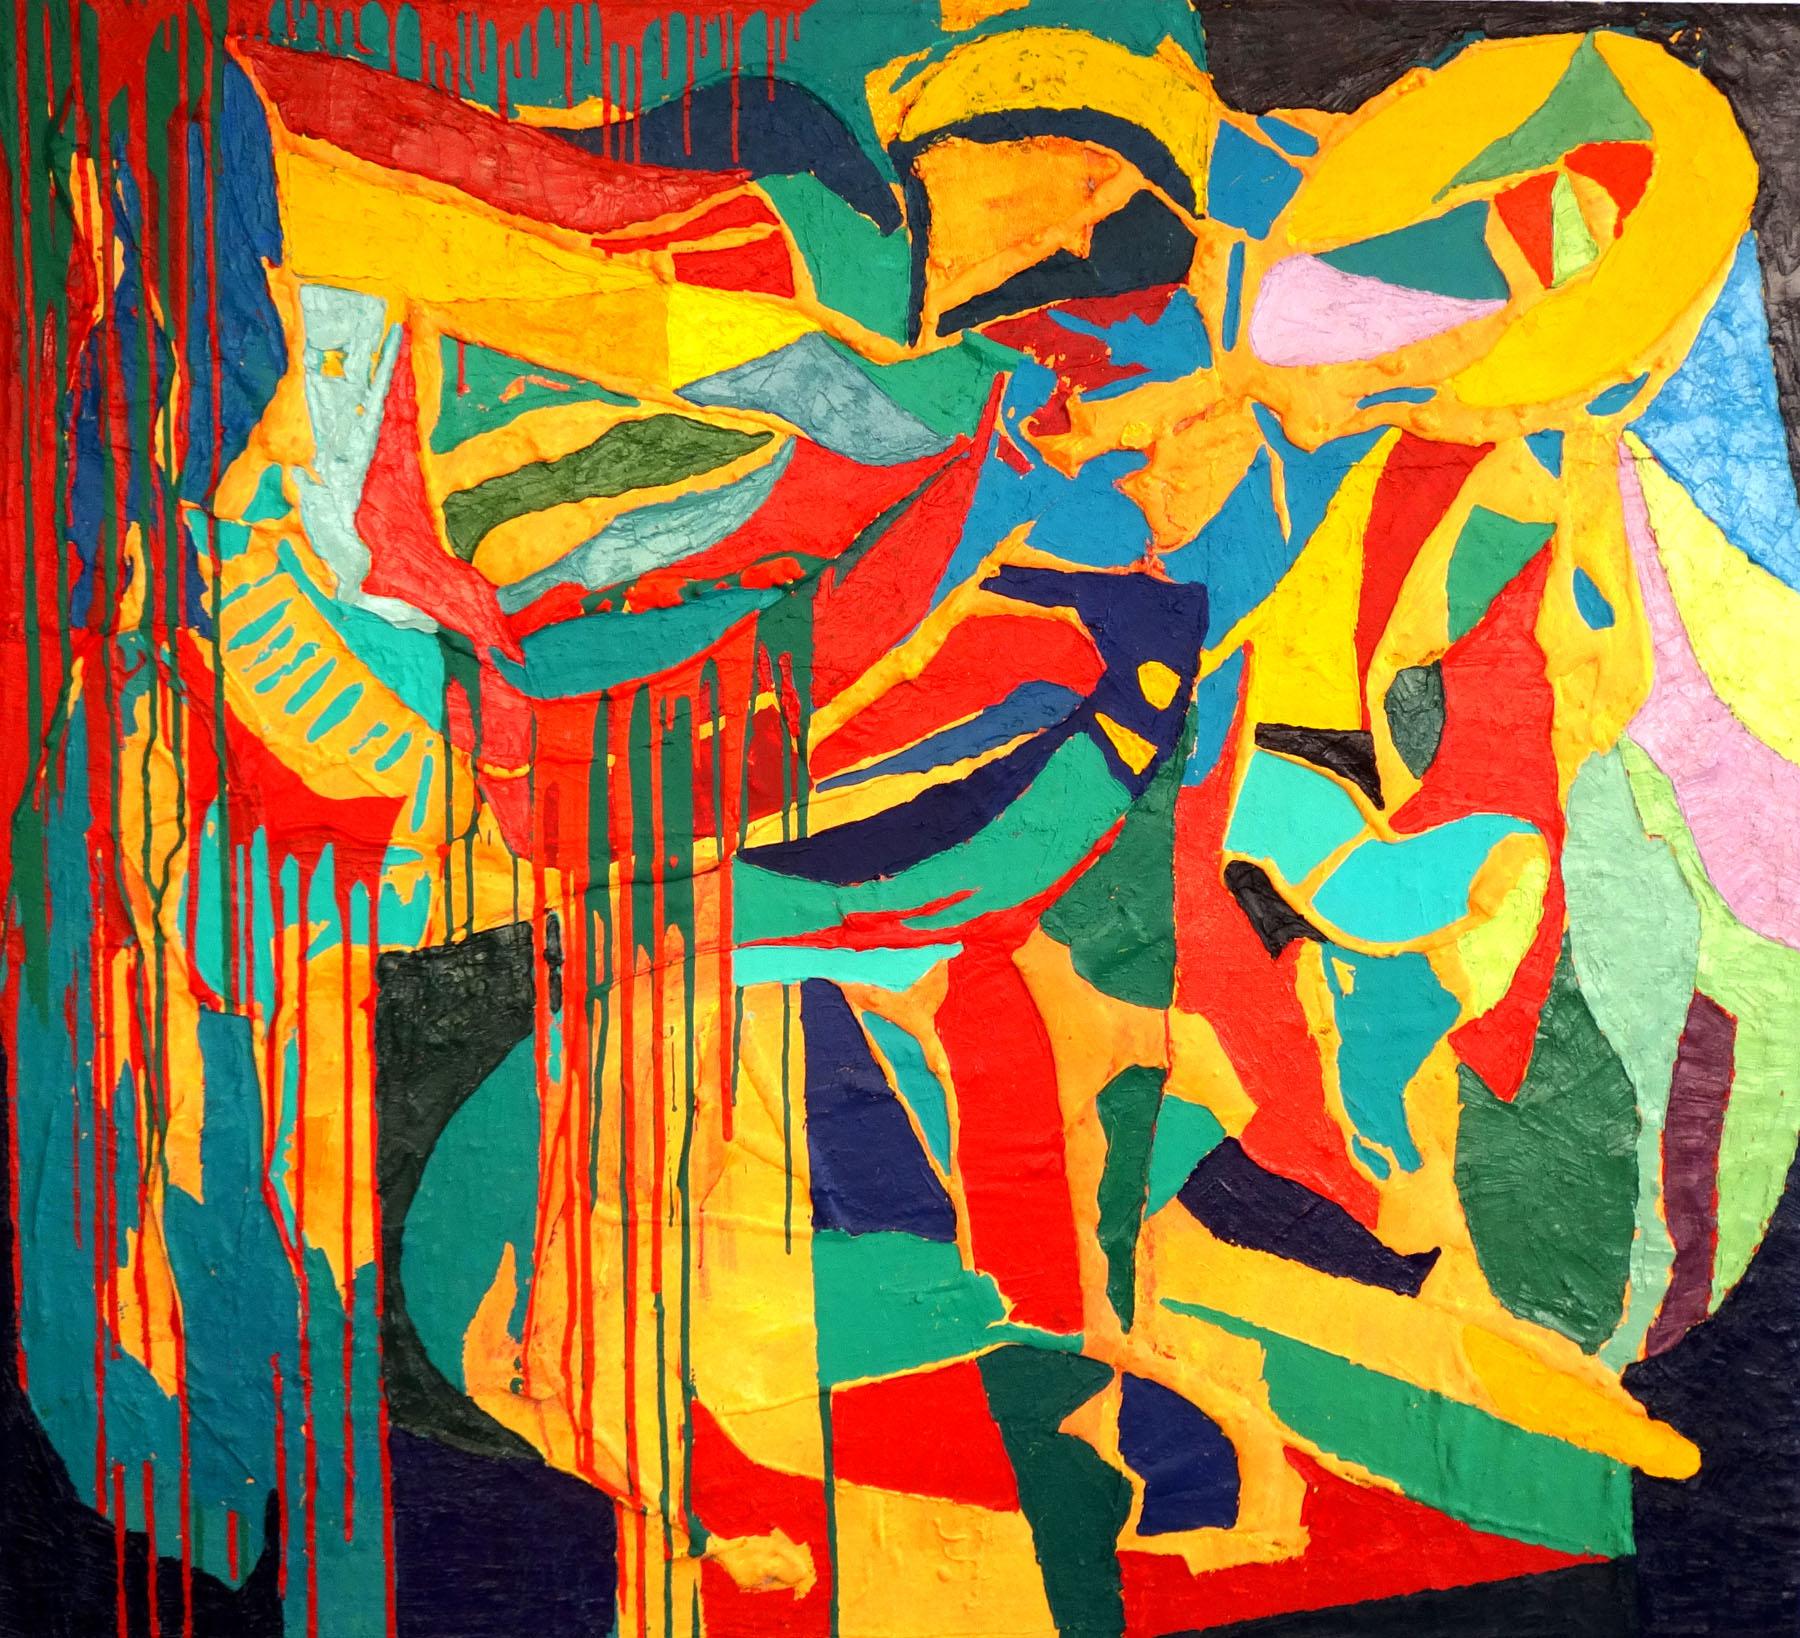 2014 Bull and Matador, 150_165 cm oil, acrylic, canvas, located in estonia